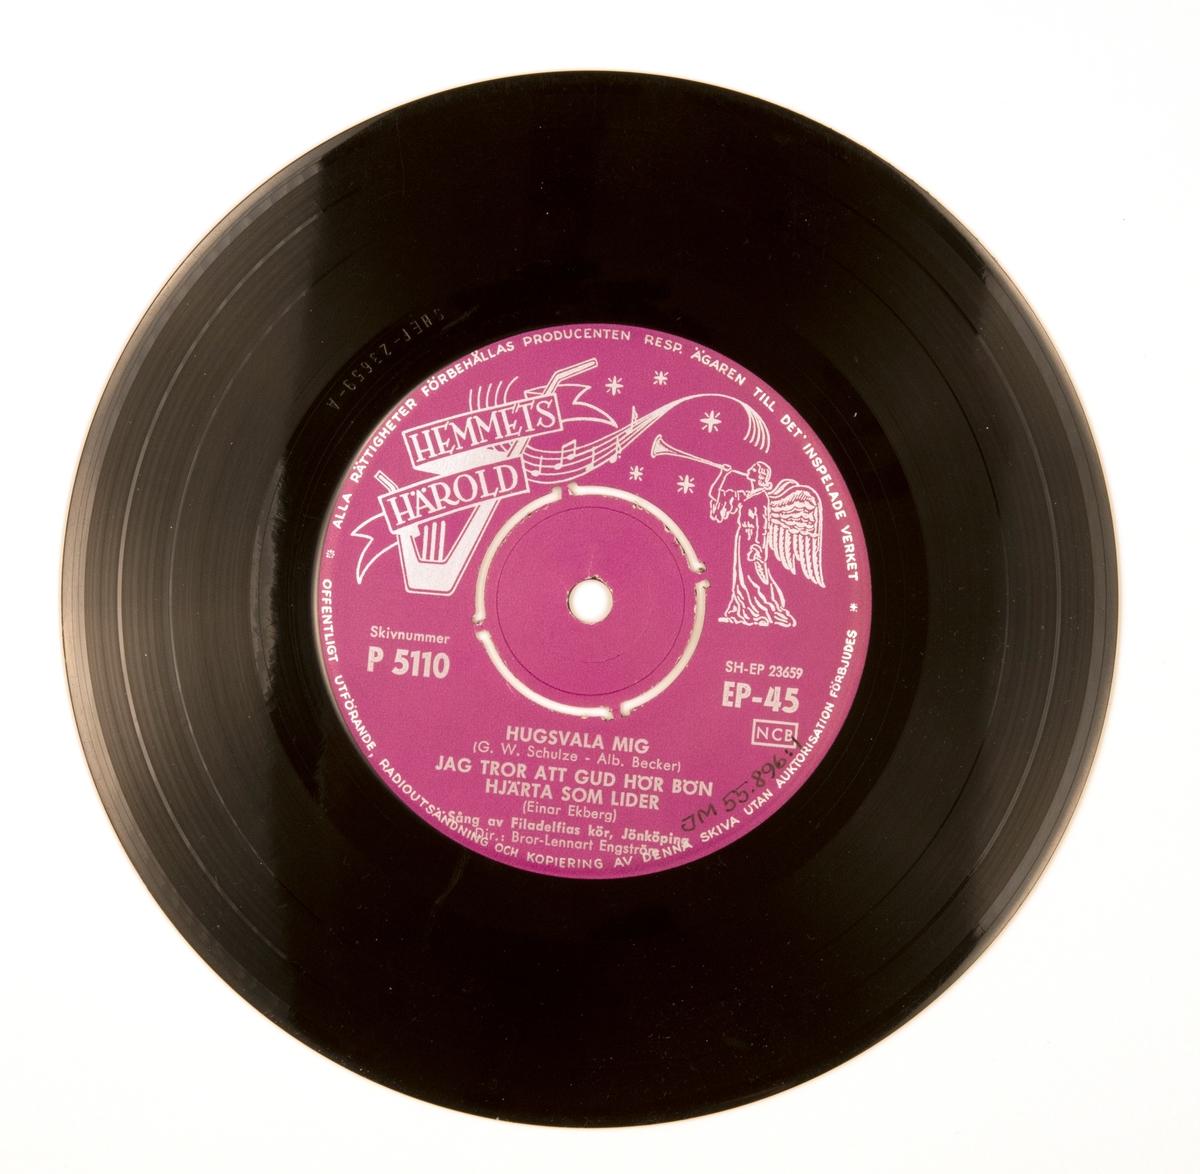 """EP-skiva av svart vinyl med lila pappersetikett med silverfärgad tryckt text, i omslag av blankt papper. Omslaget är tryckt i färgerna rosa, svart och vitt. På framsidan ett svart-vitt fotografi av sångkören med dirigenten framför dem. Baksidan innehåller en förteckning med skivbolagets senaste skivor och tryckt text.  JM 55896:1, EP-siva, Hemmets Härold, P 5110, EP-45:  1. Hugsvala mig (G. W. Schulze - Alb. Becker) 2. Jag tror att Gud hör bön  3. Hjärtat lider (Einar Ekberg) Sång av Filadelfias kör, Jönköping Dir.: Bror-Lennart Engström  1. Ära ske Gud (M.Vulpius) 2. När får jag se dig (Valdemar Söderholm) 3. Evighetsvarelsen (Anders Frostenson - Karl-Erik Svedlund) Sång av Filadelfias kör, Jönköping Dir.: Bror-Lennart Engström  Text runt pappersetiketten: """"Alla rättigheter förbehållas producenten Resp. ägaren till det inspelade verket * Offentligt utförande, radioutsändning och kopiering av denna skiva utan auktorisation förbjudes""""  JM 55896:2, Omslag """"Häroldens Tr., Sthlm 1959"""""""